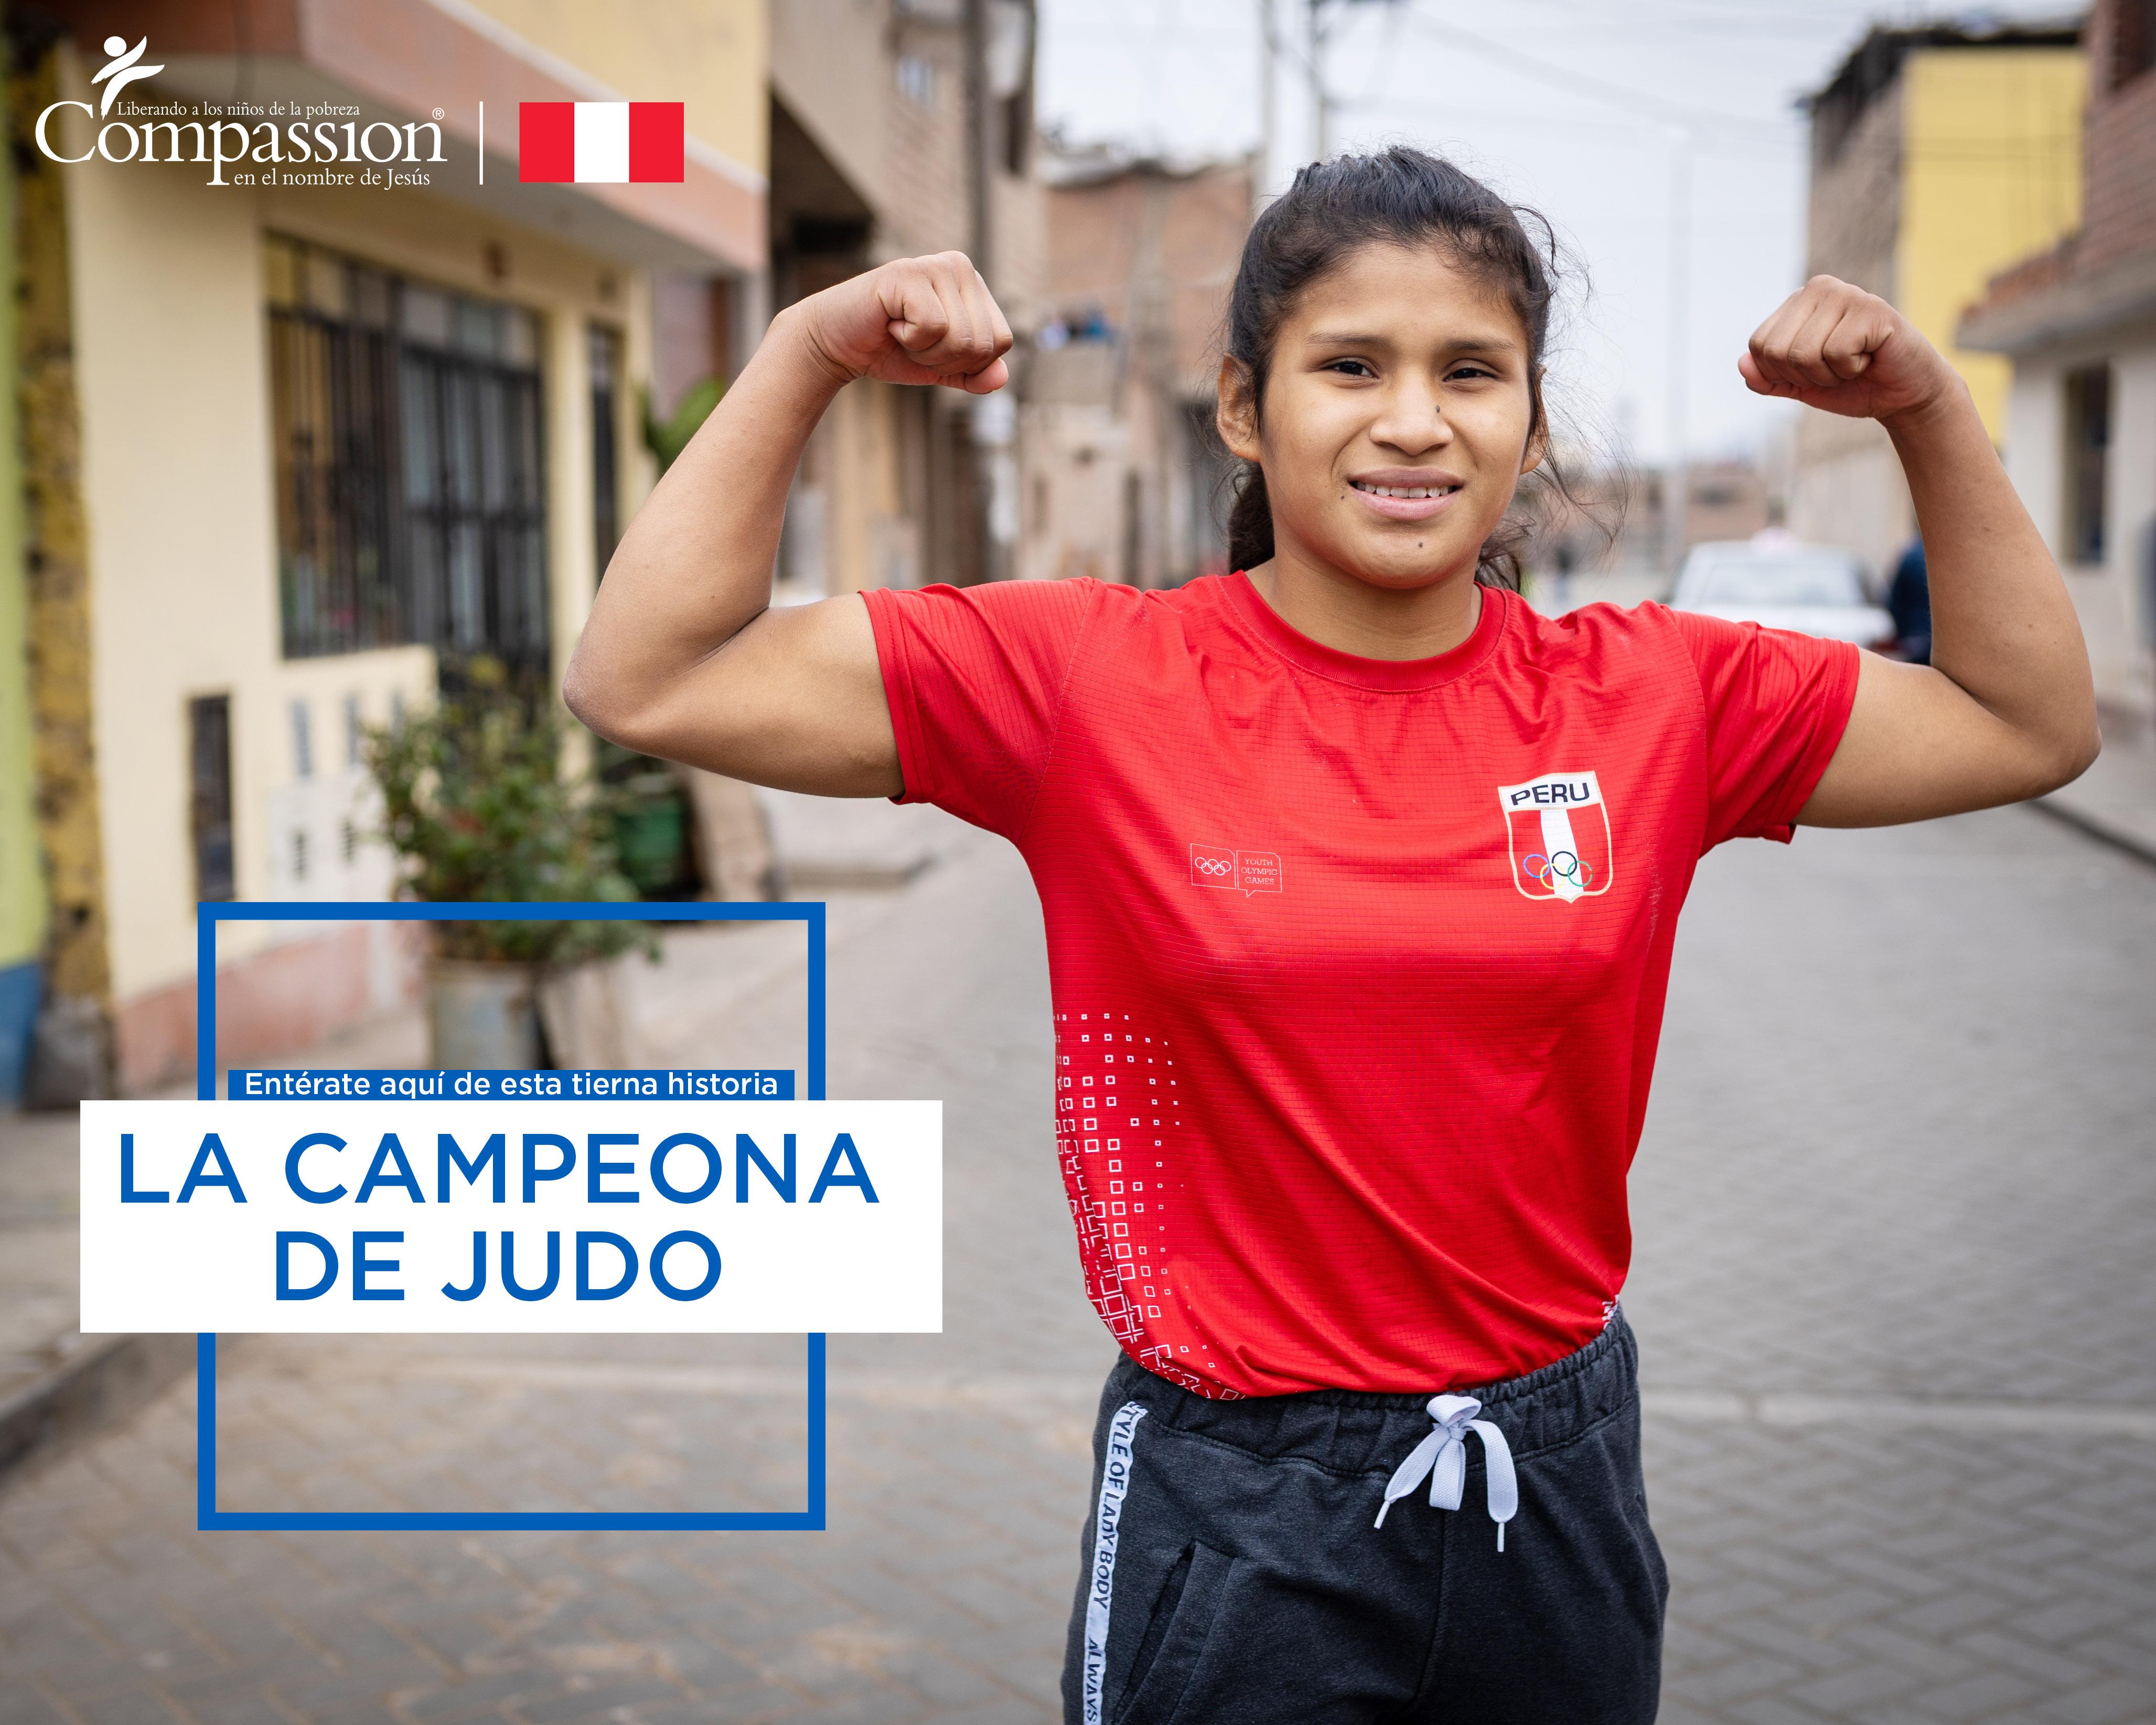 Historia-de-campeona-de-judo